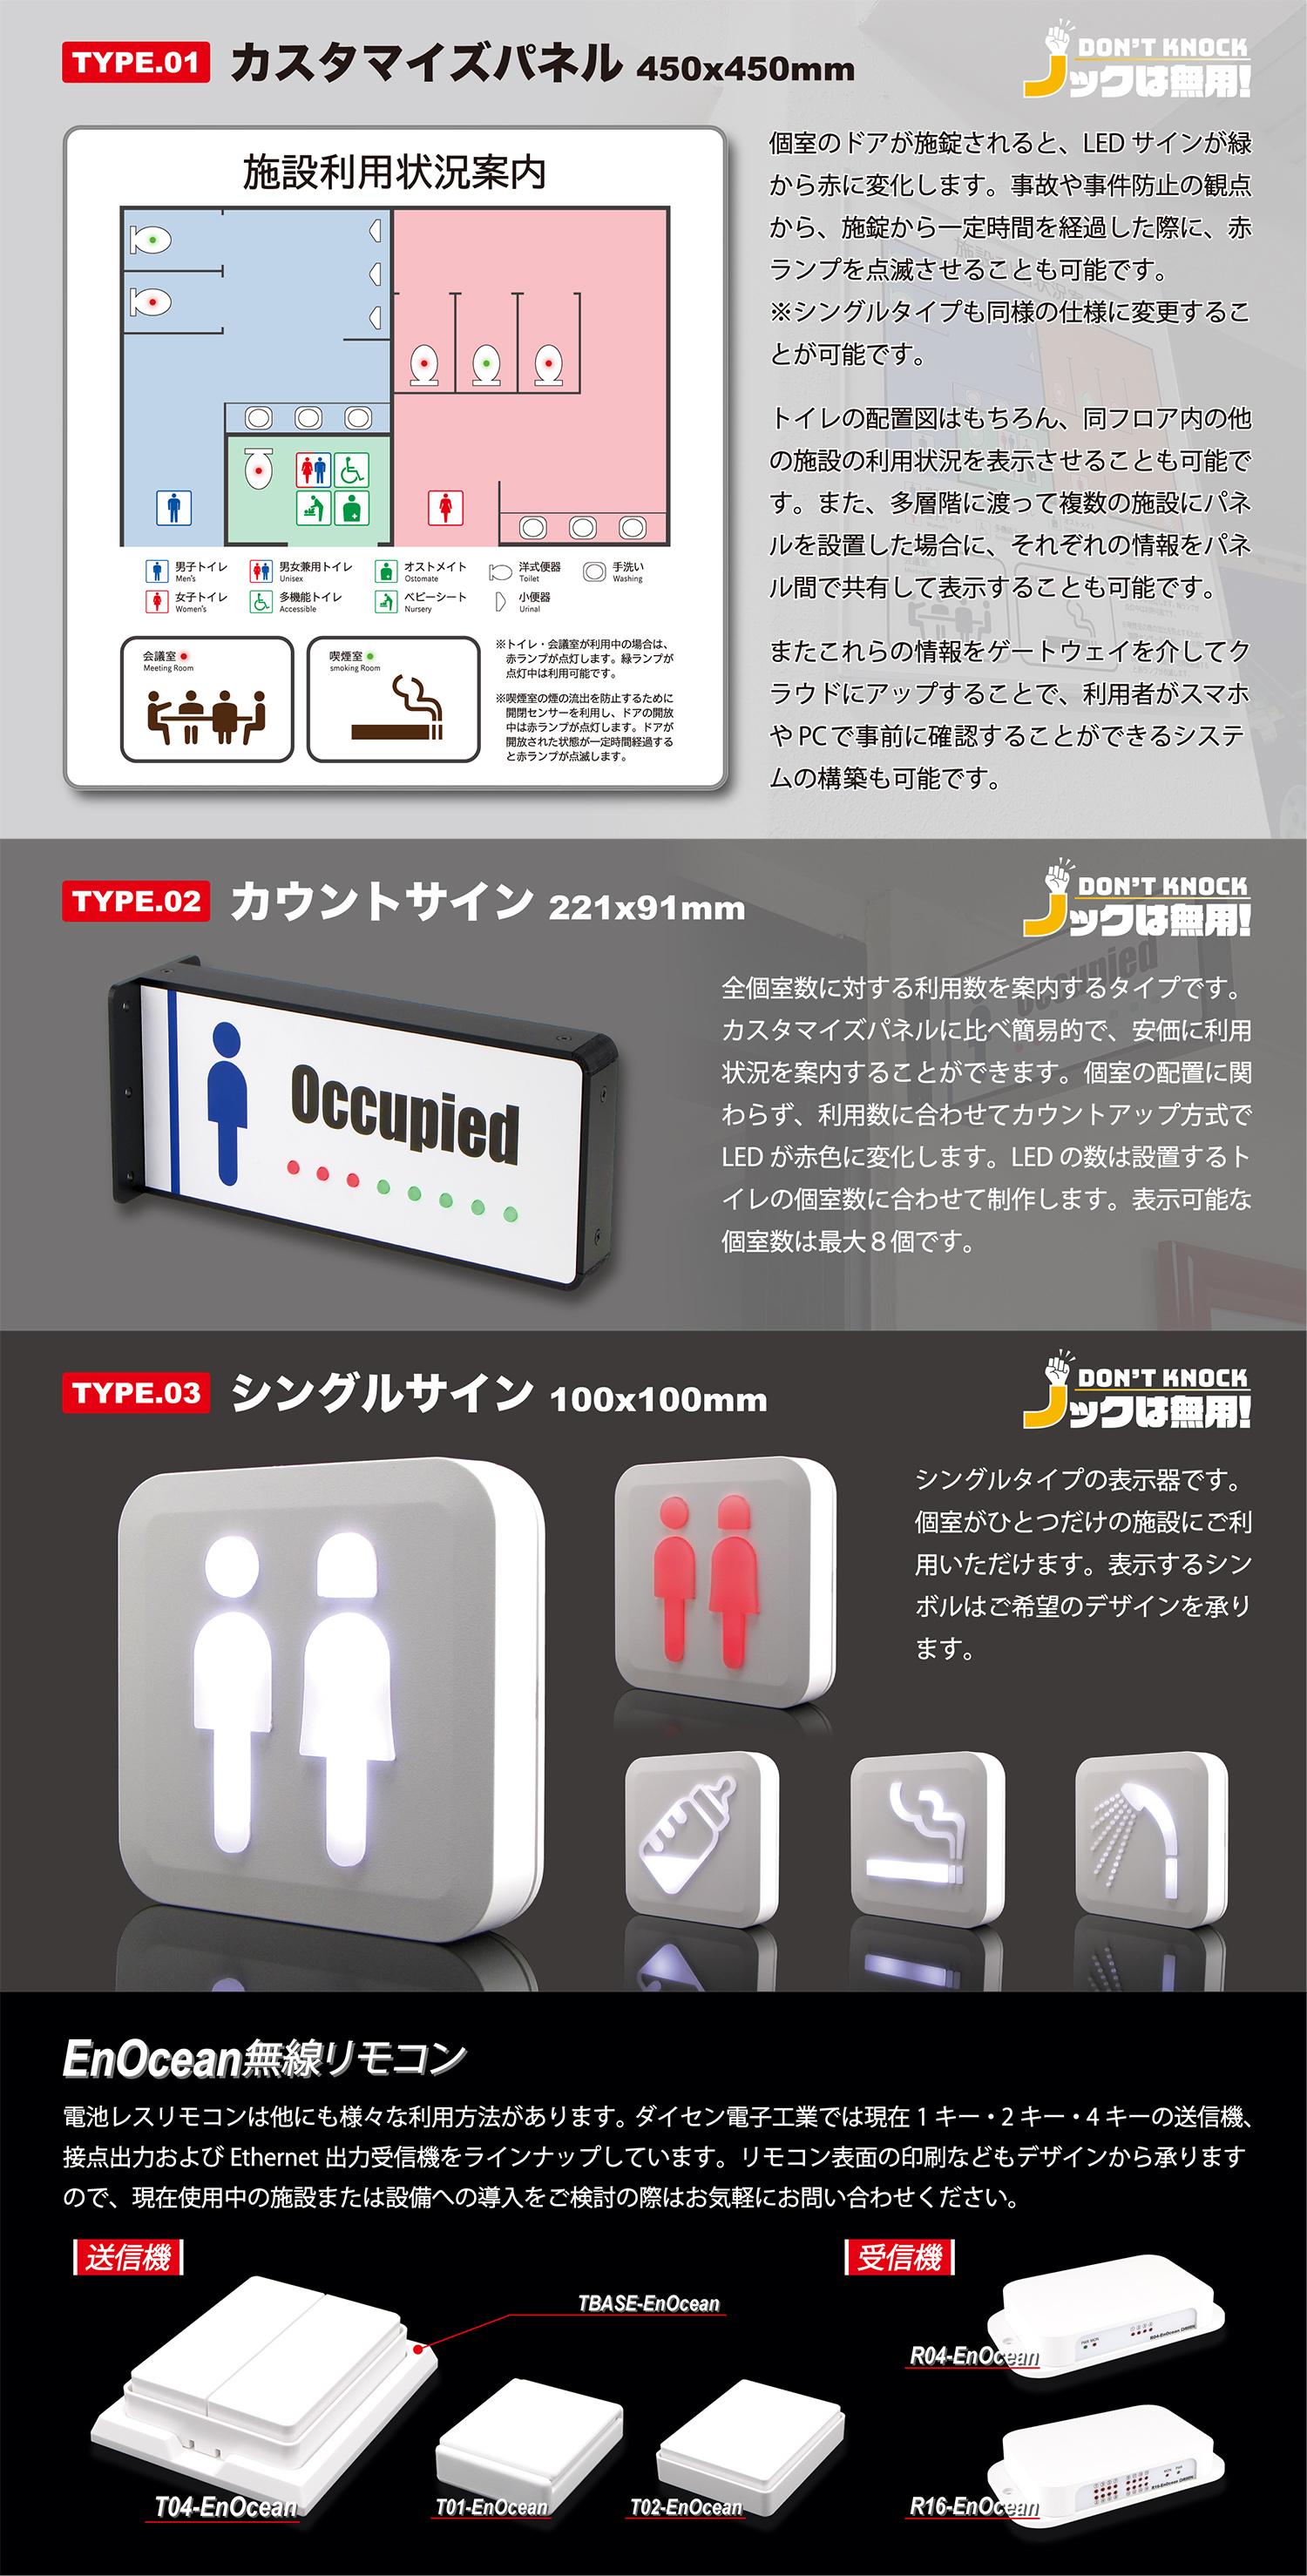 トイレなどの施設の利用状況がひと目でわかる『ノックは無用!』カタログ